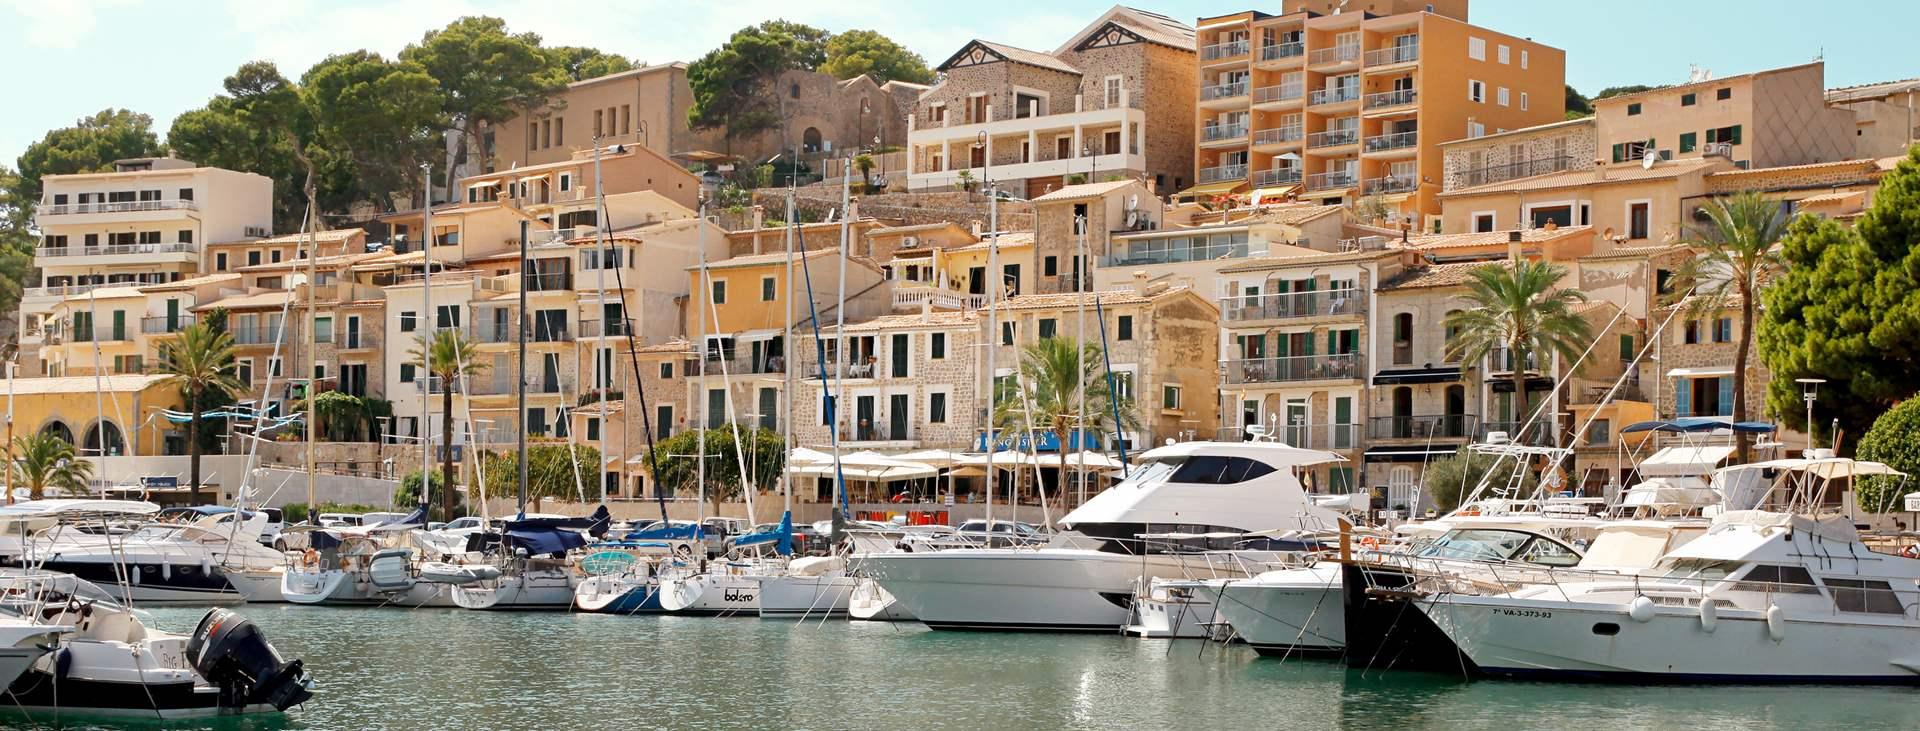 Boka din resa till Puerto de Sóller på Mallorca med Ving